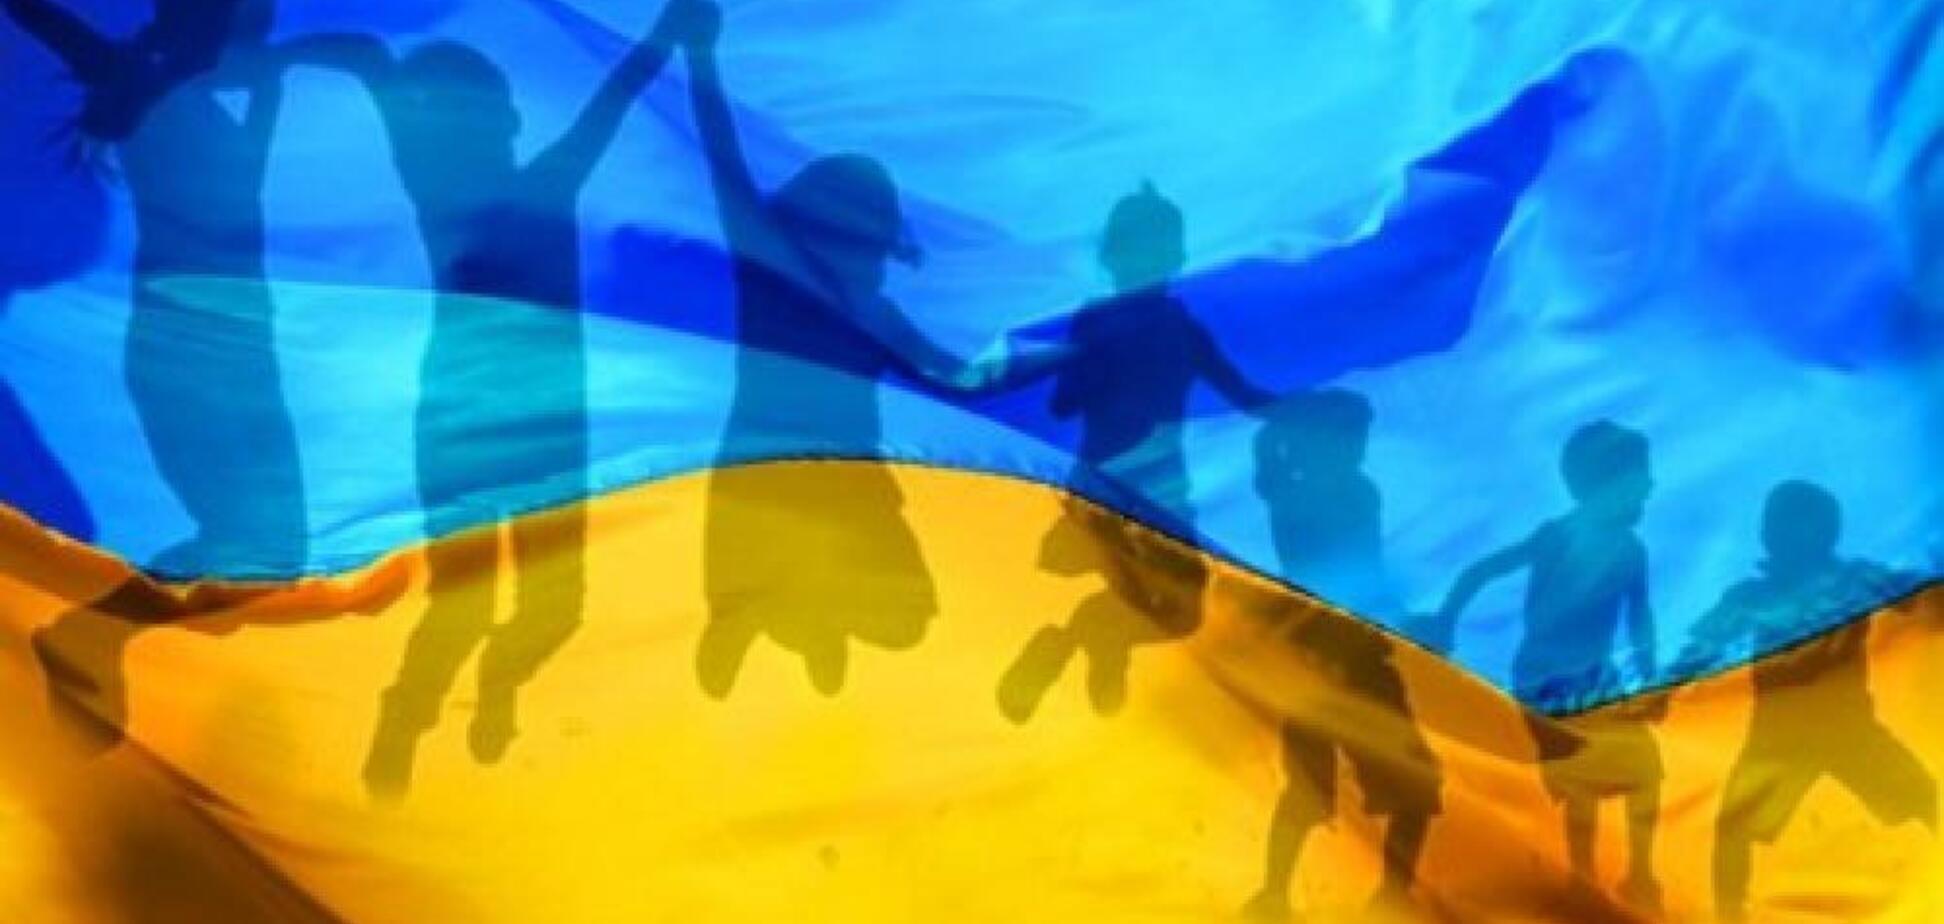 Рада дала старт українізації: озвучені основні проблеми довкола закону